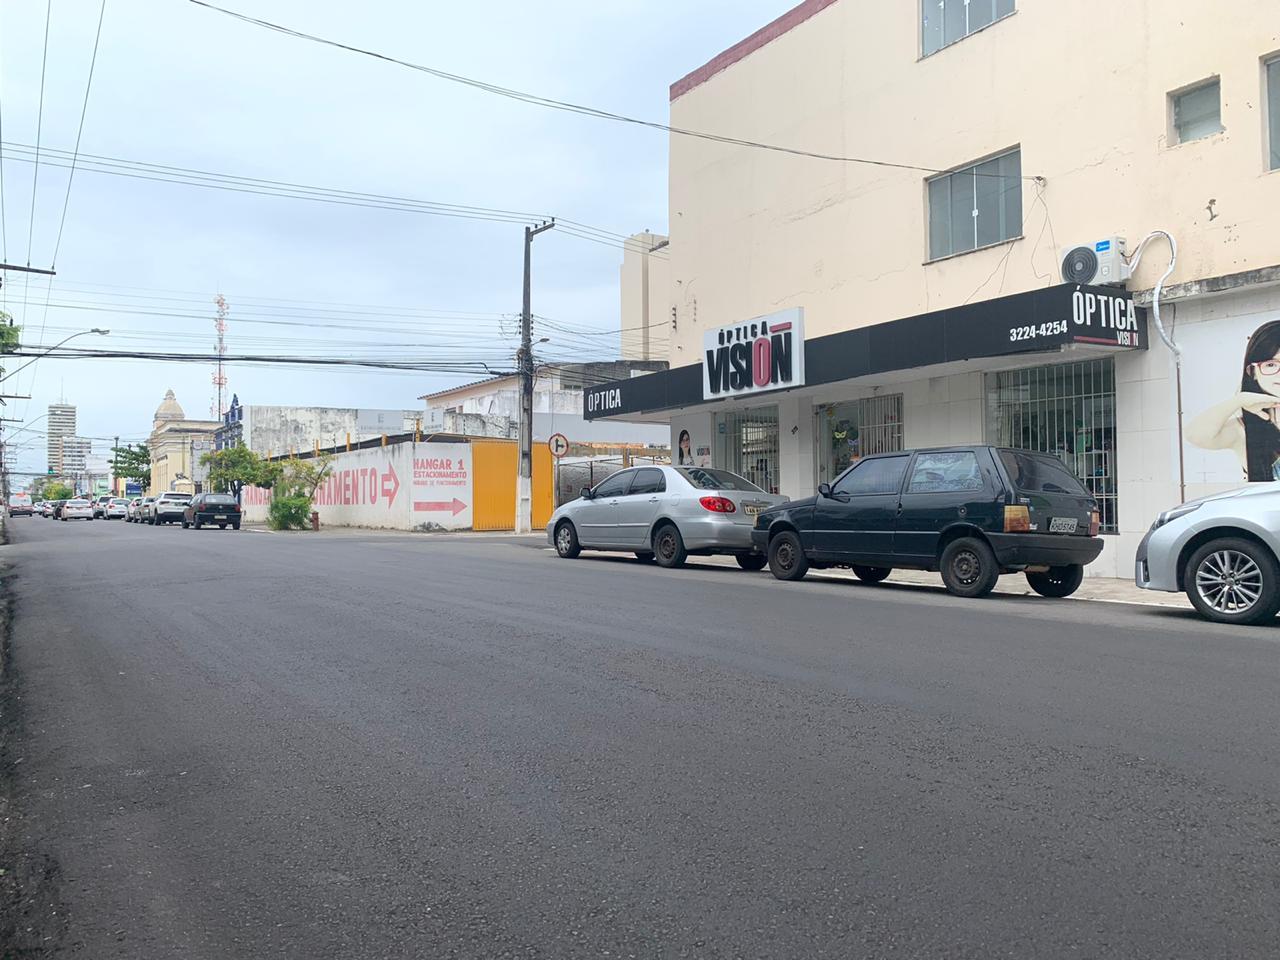 #PraTodoMundoVer Rua recém asfaltada com carros estacionados no acostamento